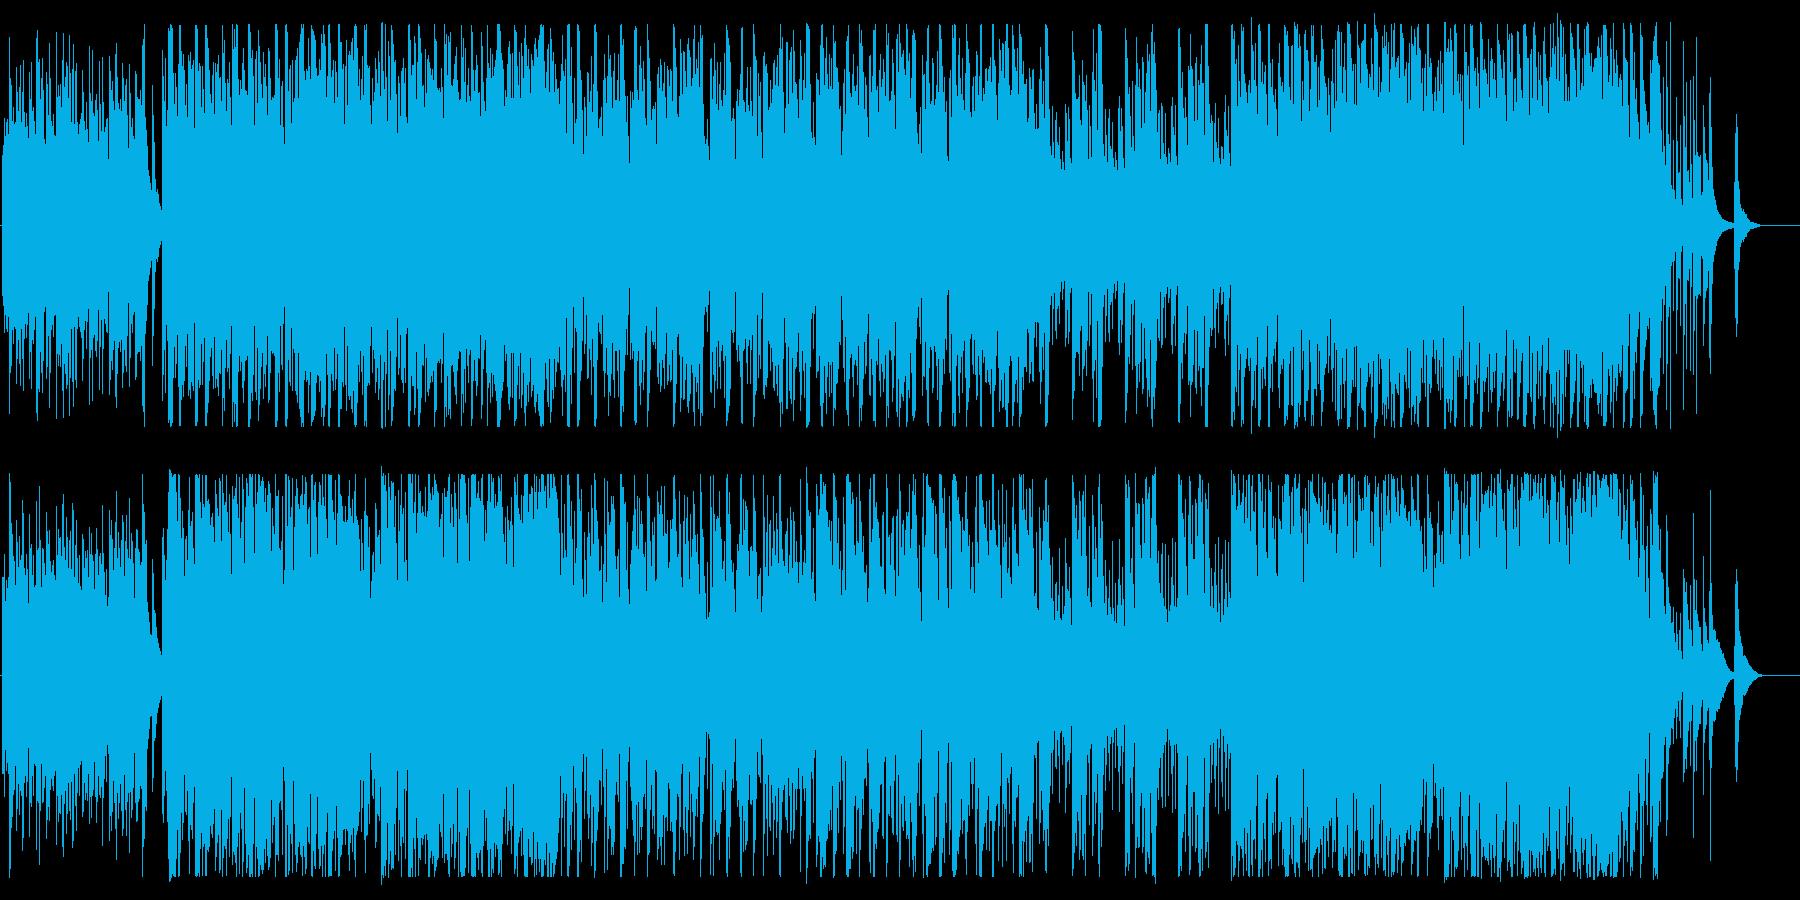 迫力とドラマ感のある管弦楽器サウンドの再生済みの波形